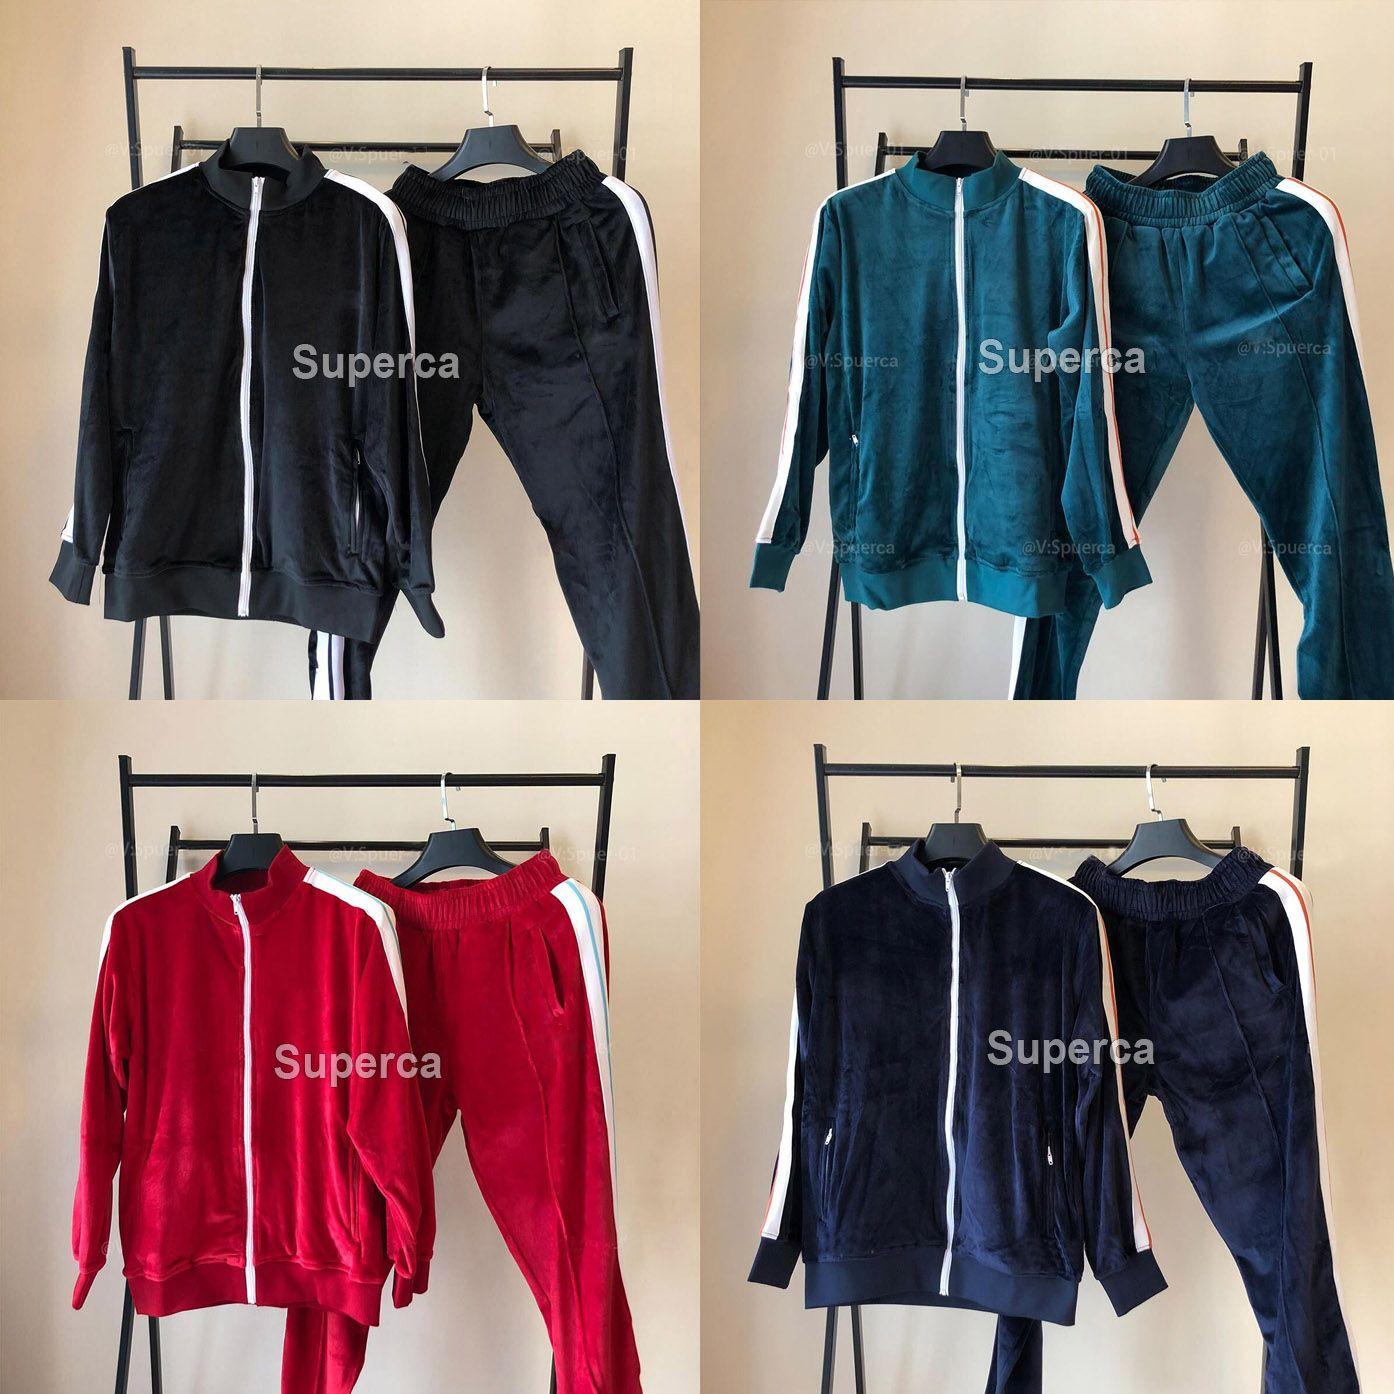 Homme Designers Vêtements 20ss Velvet Mens Tracksuit Hommes Femmes Jacket Sweat à capuche avec pantalons Homme Sports SPOWERES SPOEAU SPOEAU SPOWERES MENS HUMEN